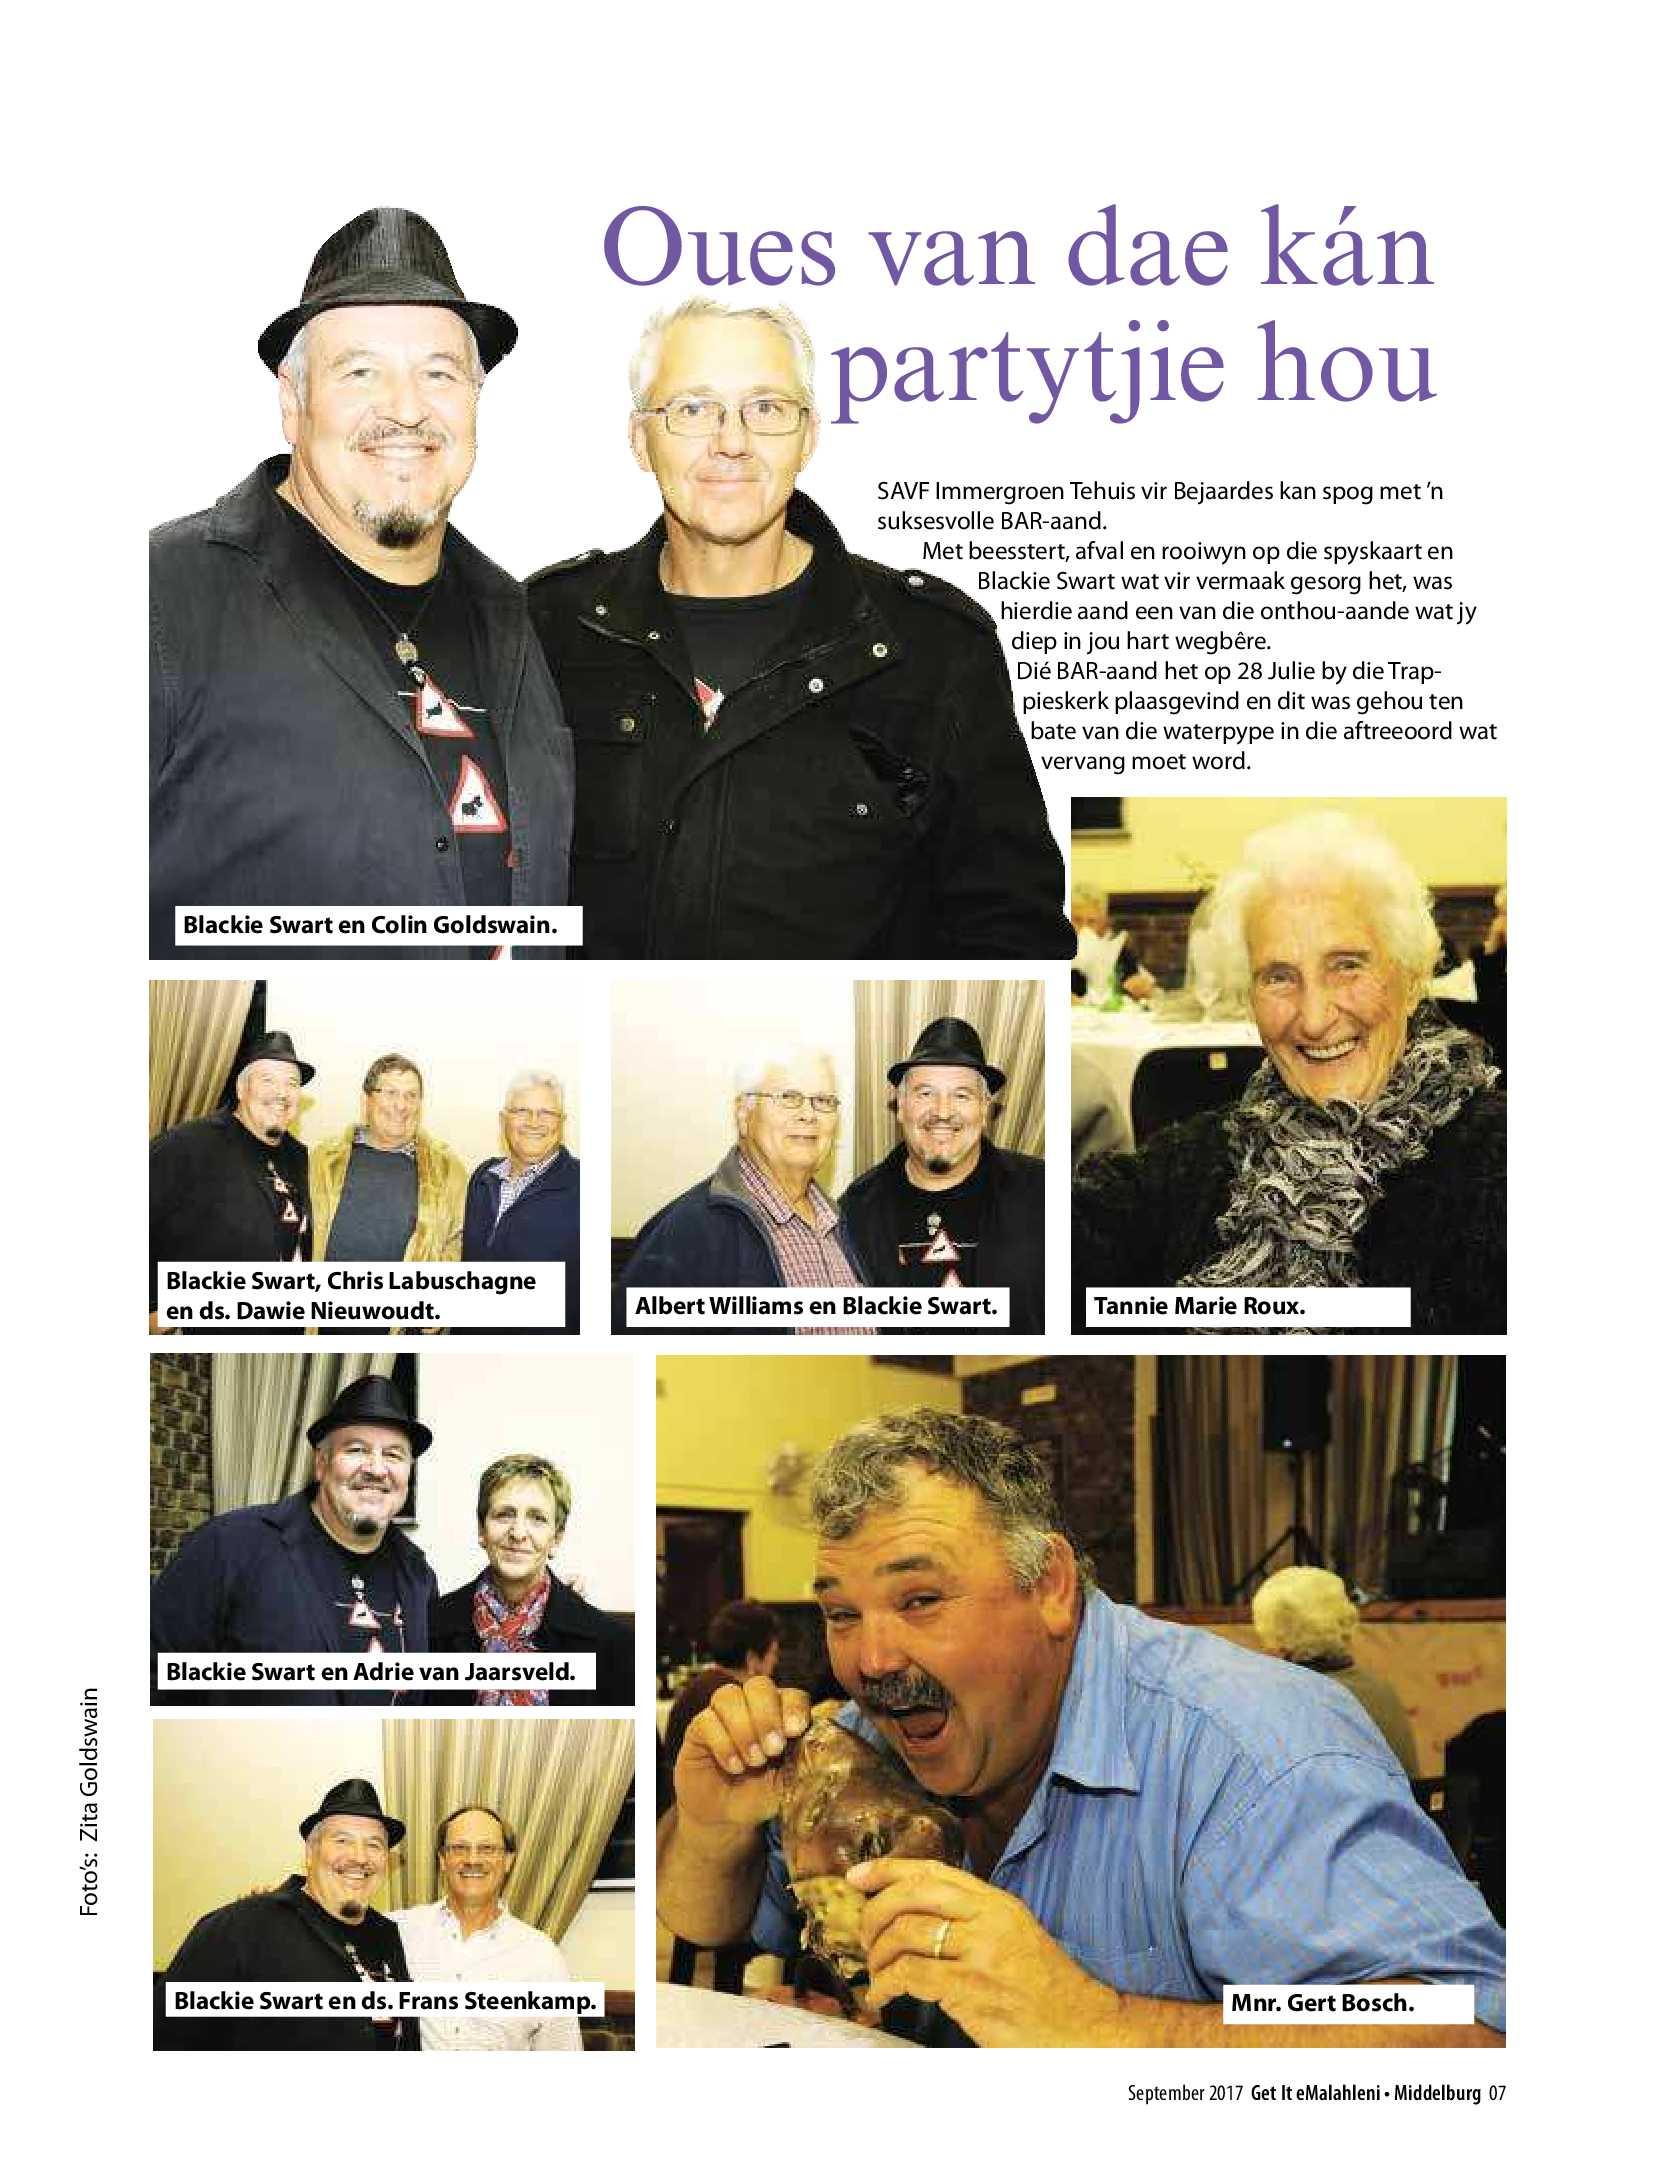 get-middelburg-september-2017-epapers-page-9